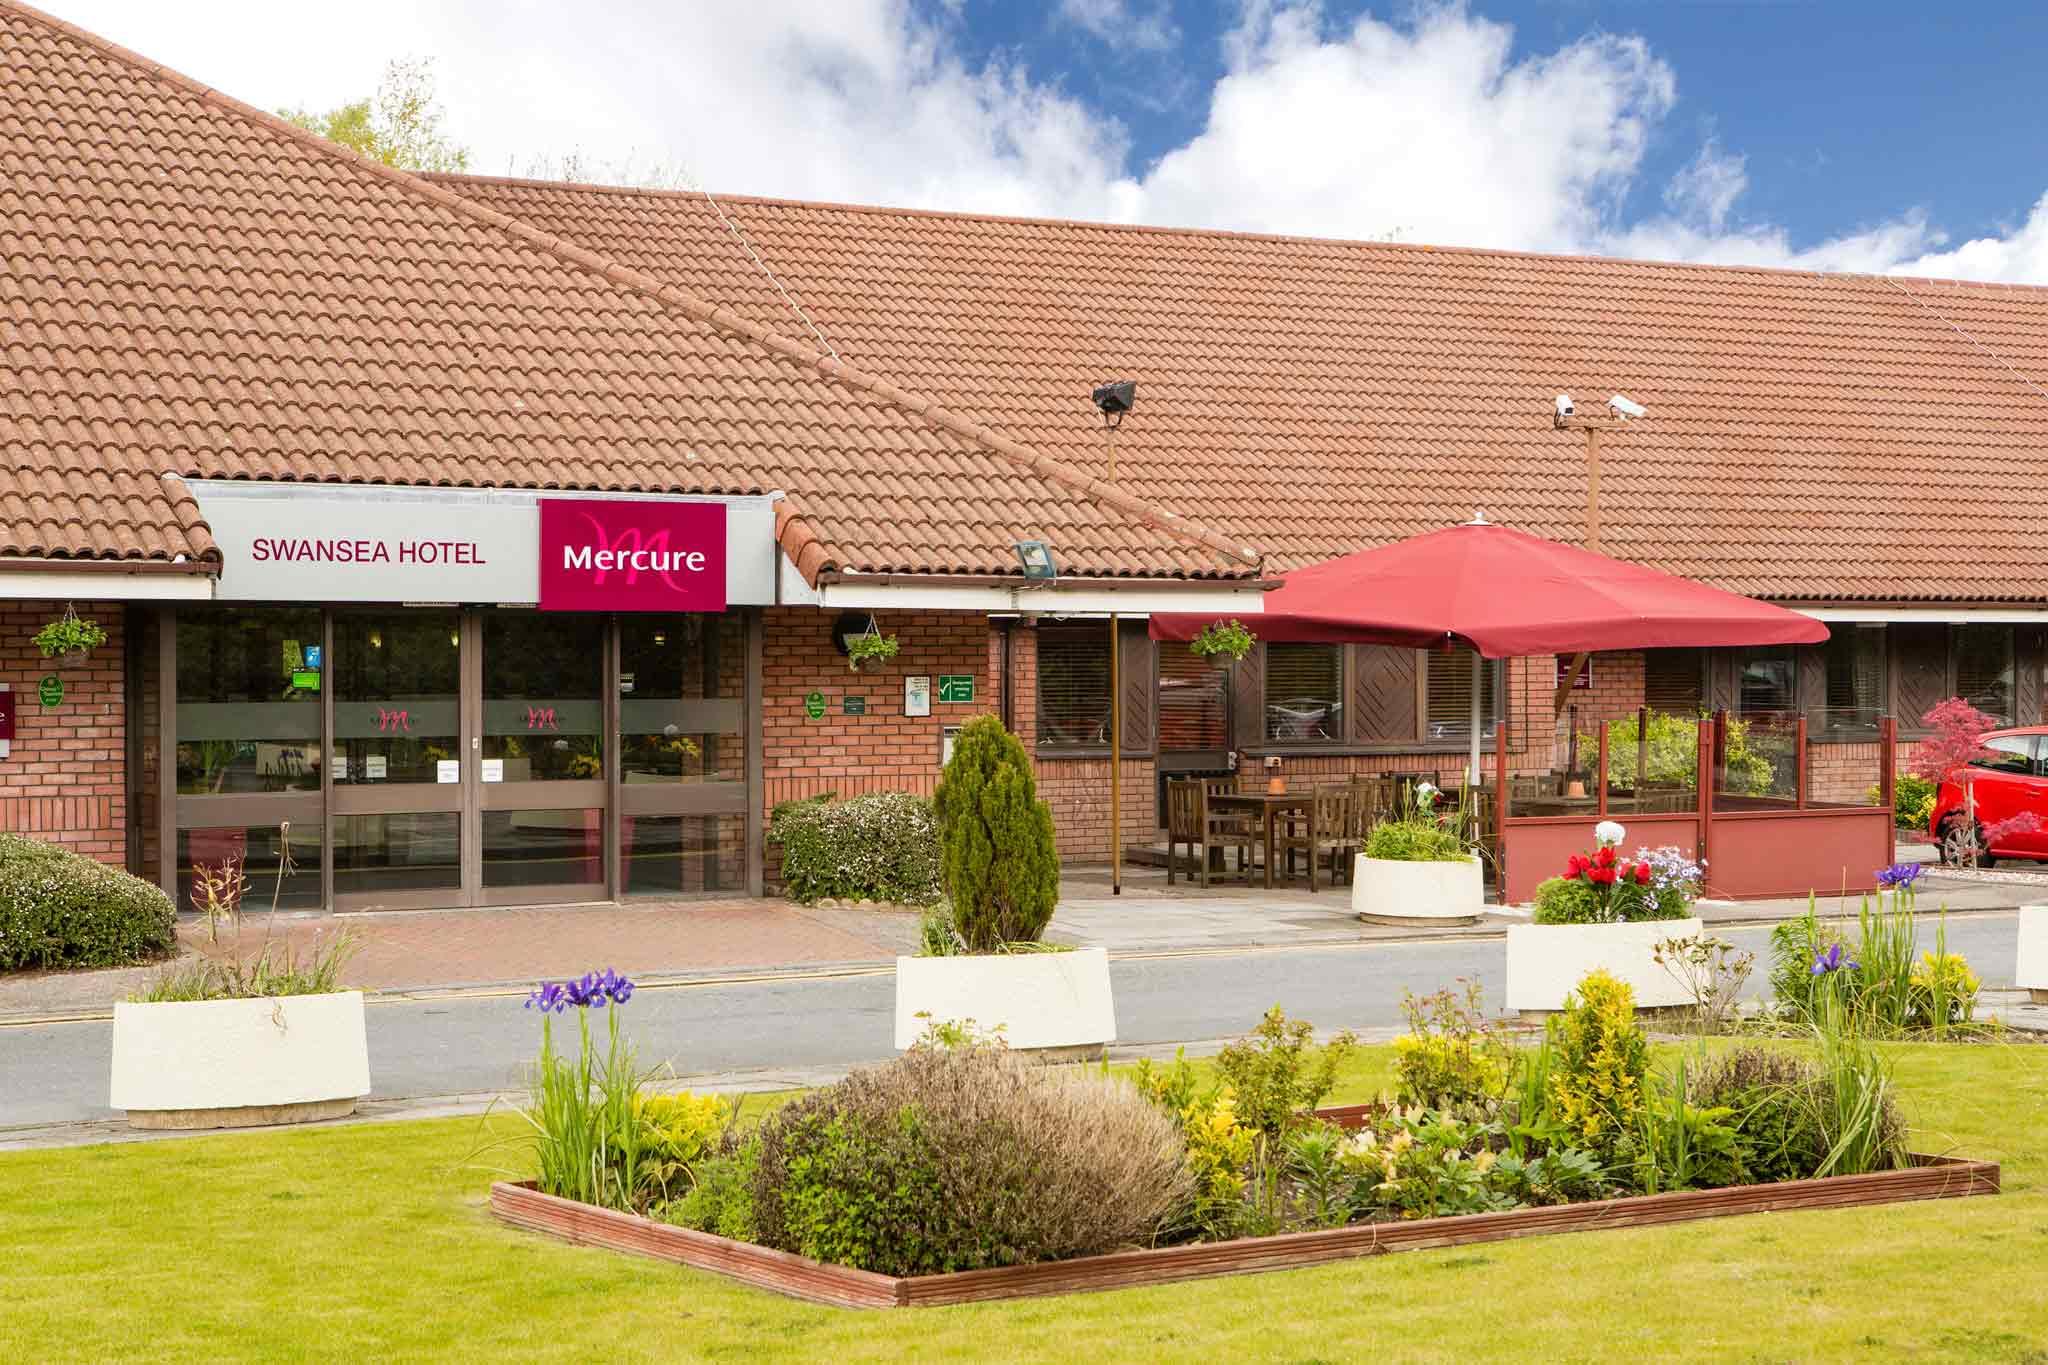 Hotel - Mercure Swansea Hotel